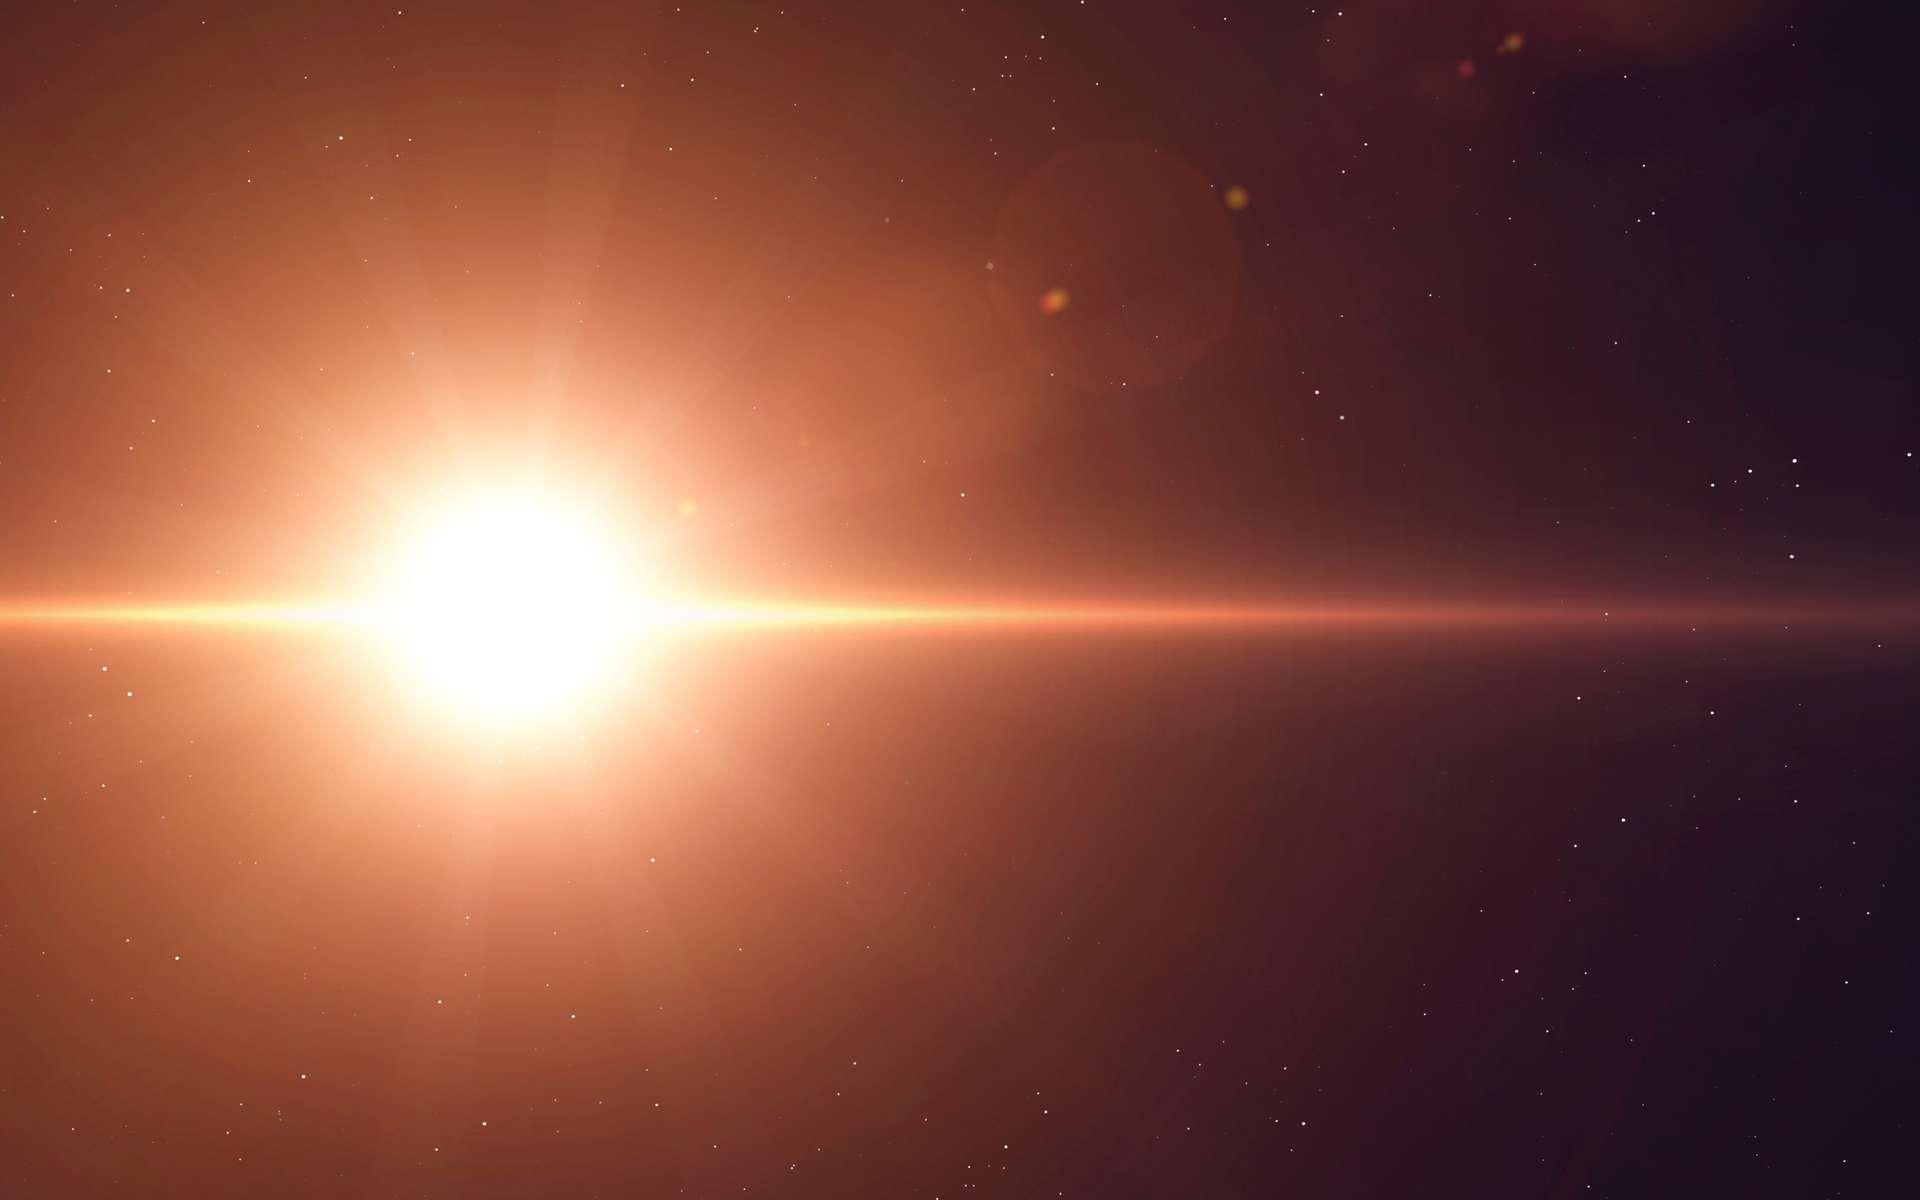 Les astronomes attendaient avec impatience la fin du cycle principal de 430 jours de variation de luminosité de Bételgeuse pour savoir comment la supergéante rouge se comporterait ensuite. Il semble qu'elle soit en train de regagner en éclat. © Vadimsadovski, Adobe Stock